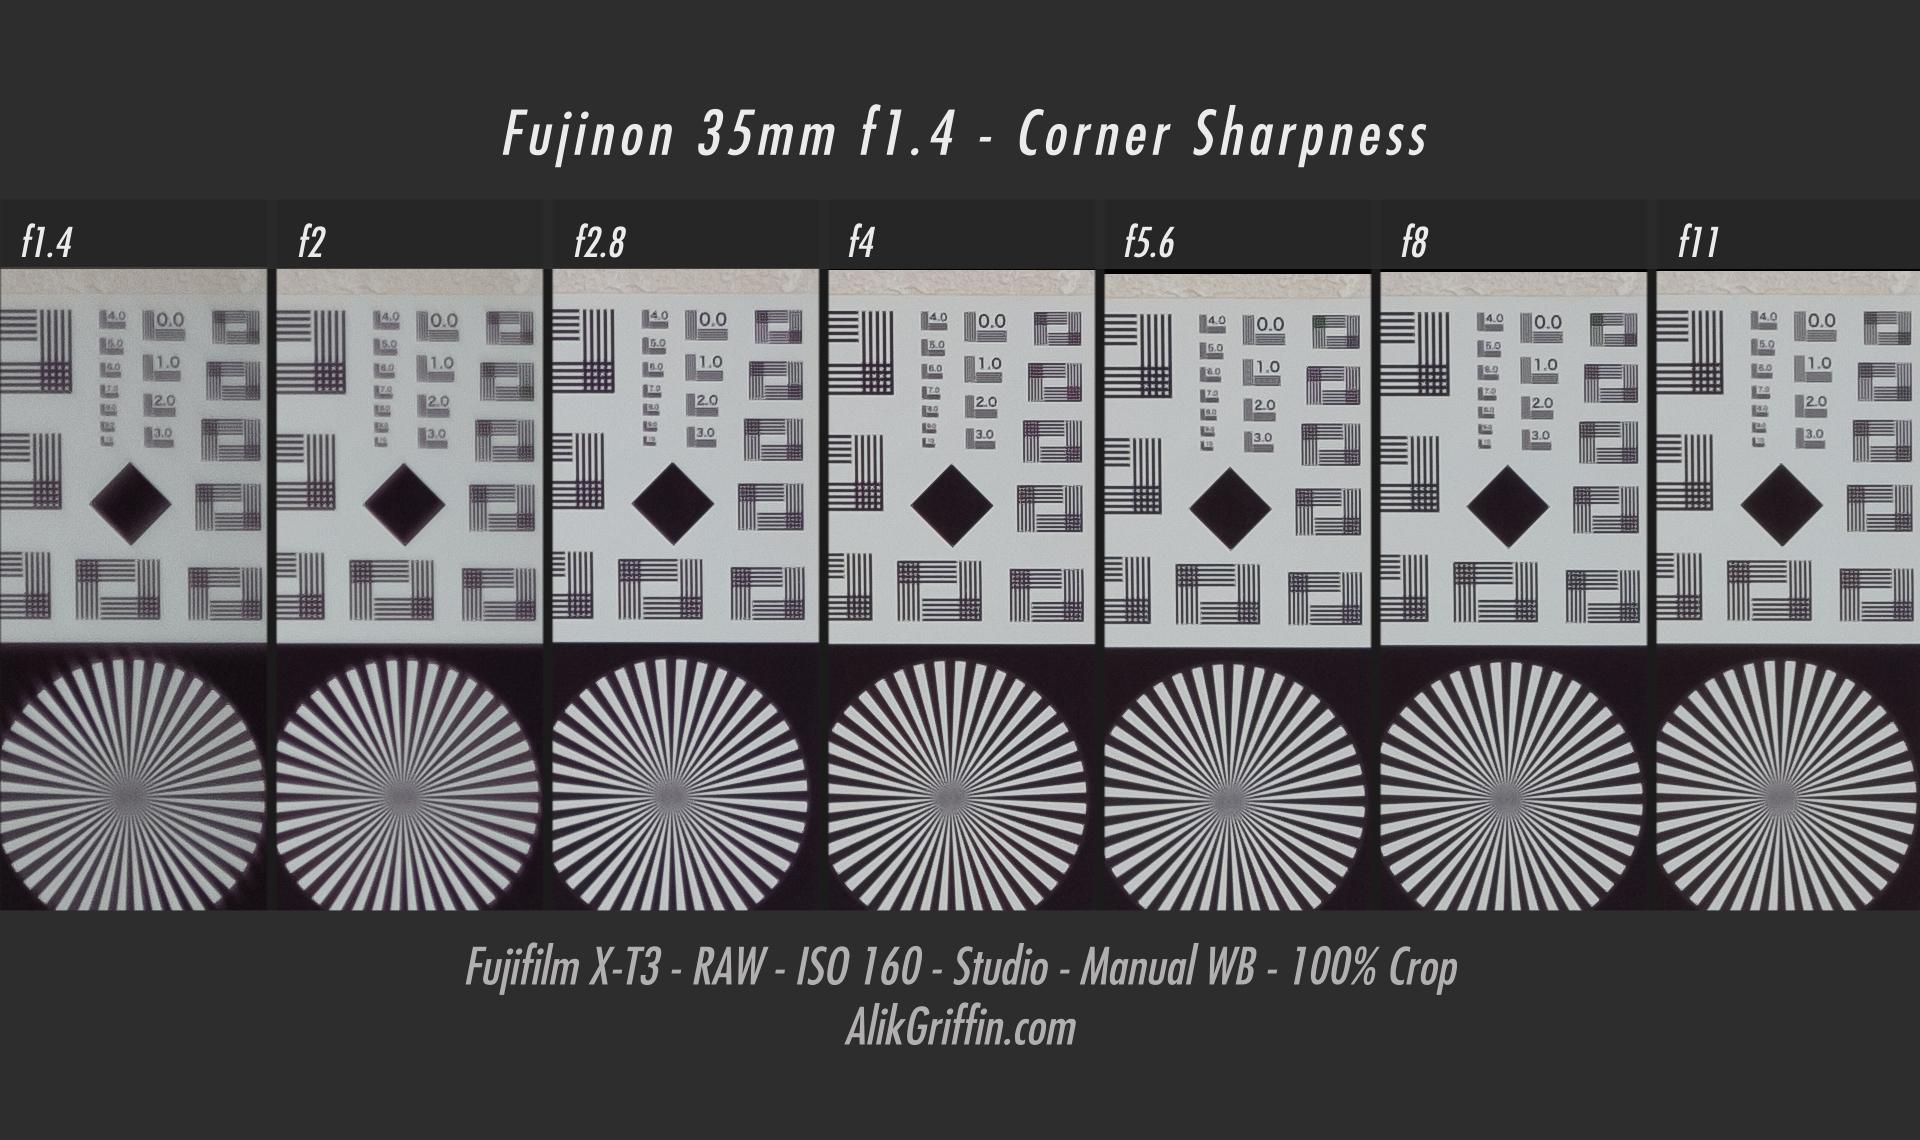 Fuji 35mm f1.4 Corner Sharpness Chart